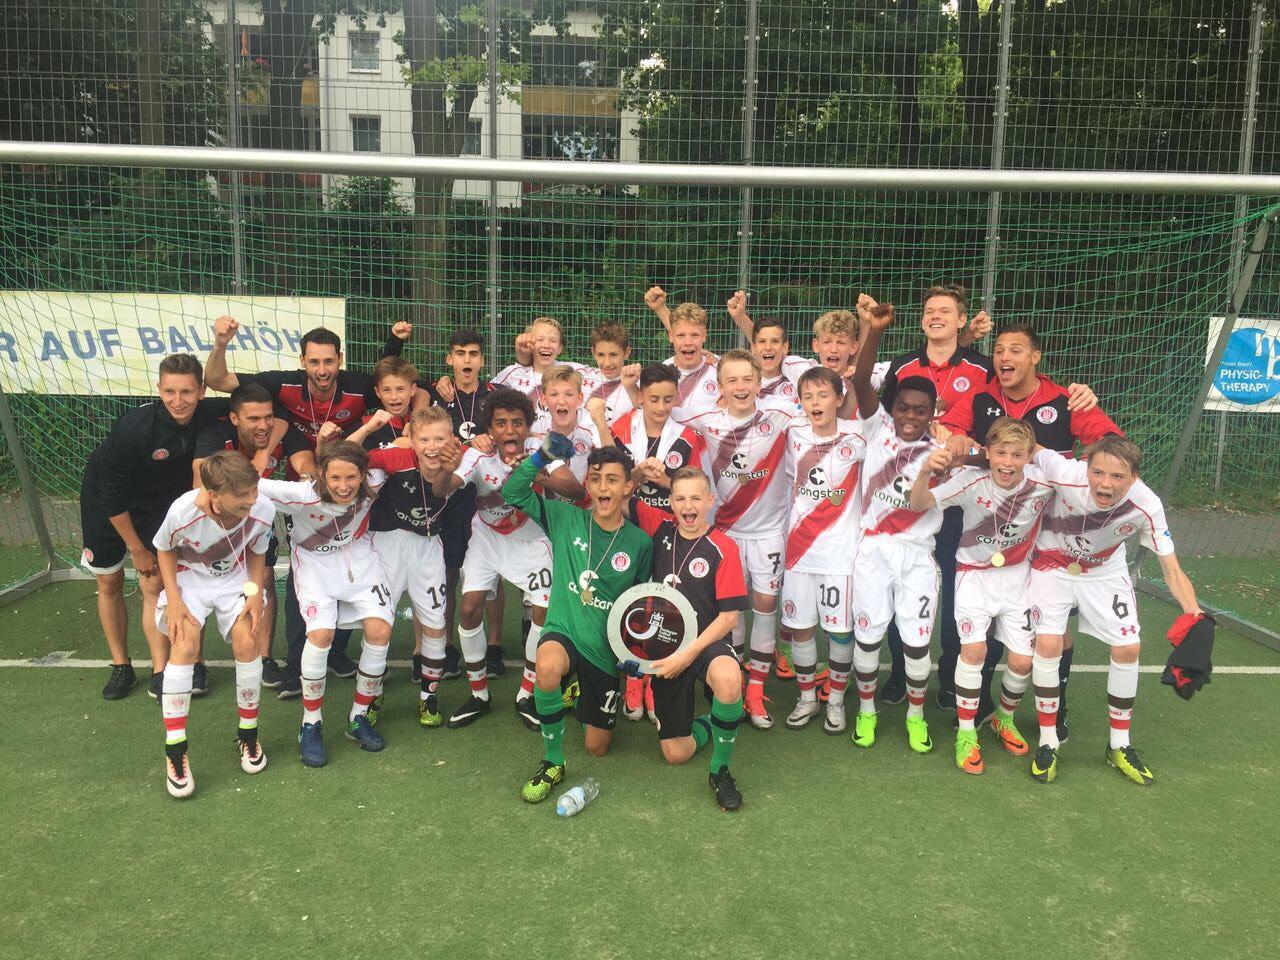 U14 sichert Meisterschaft und Regionalliga-Startplatz